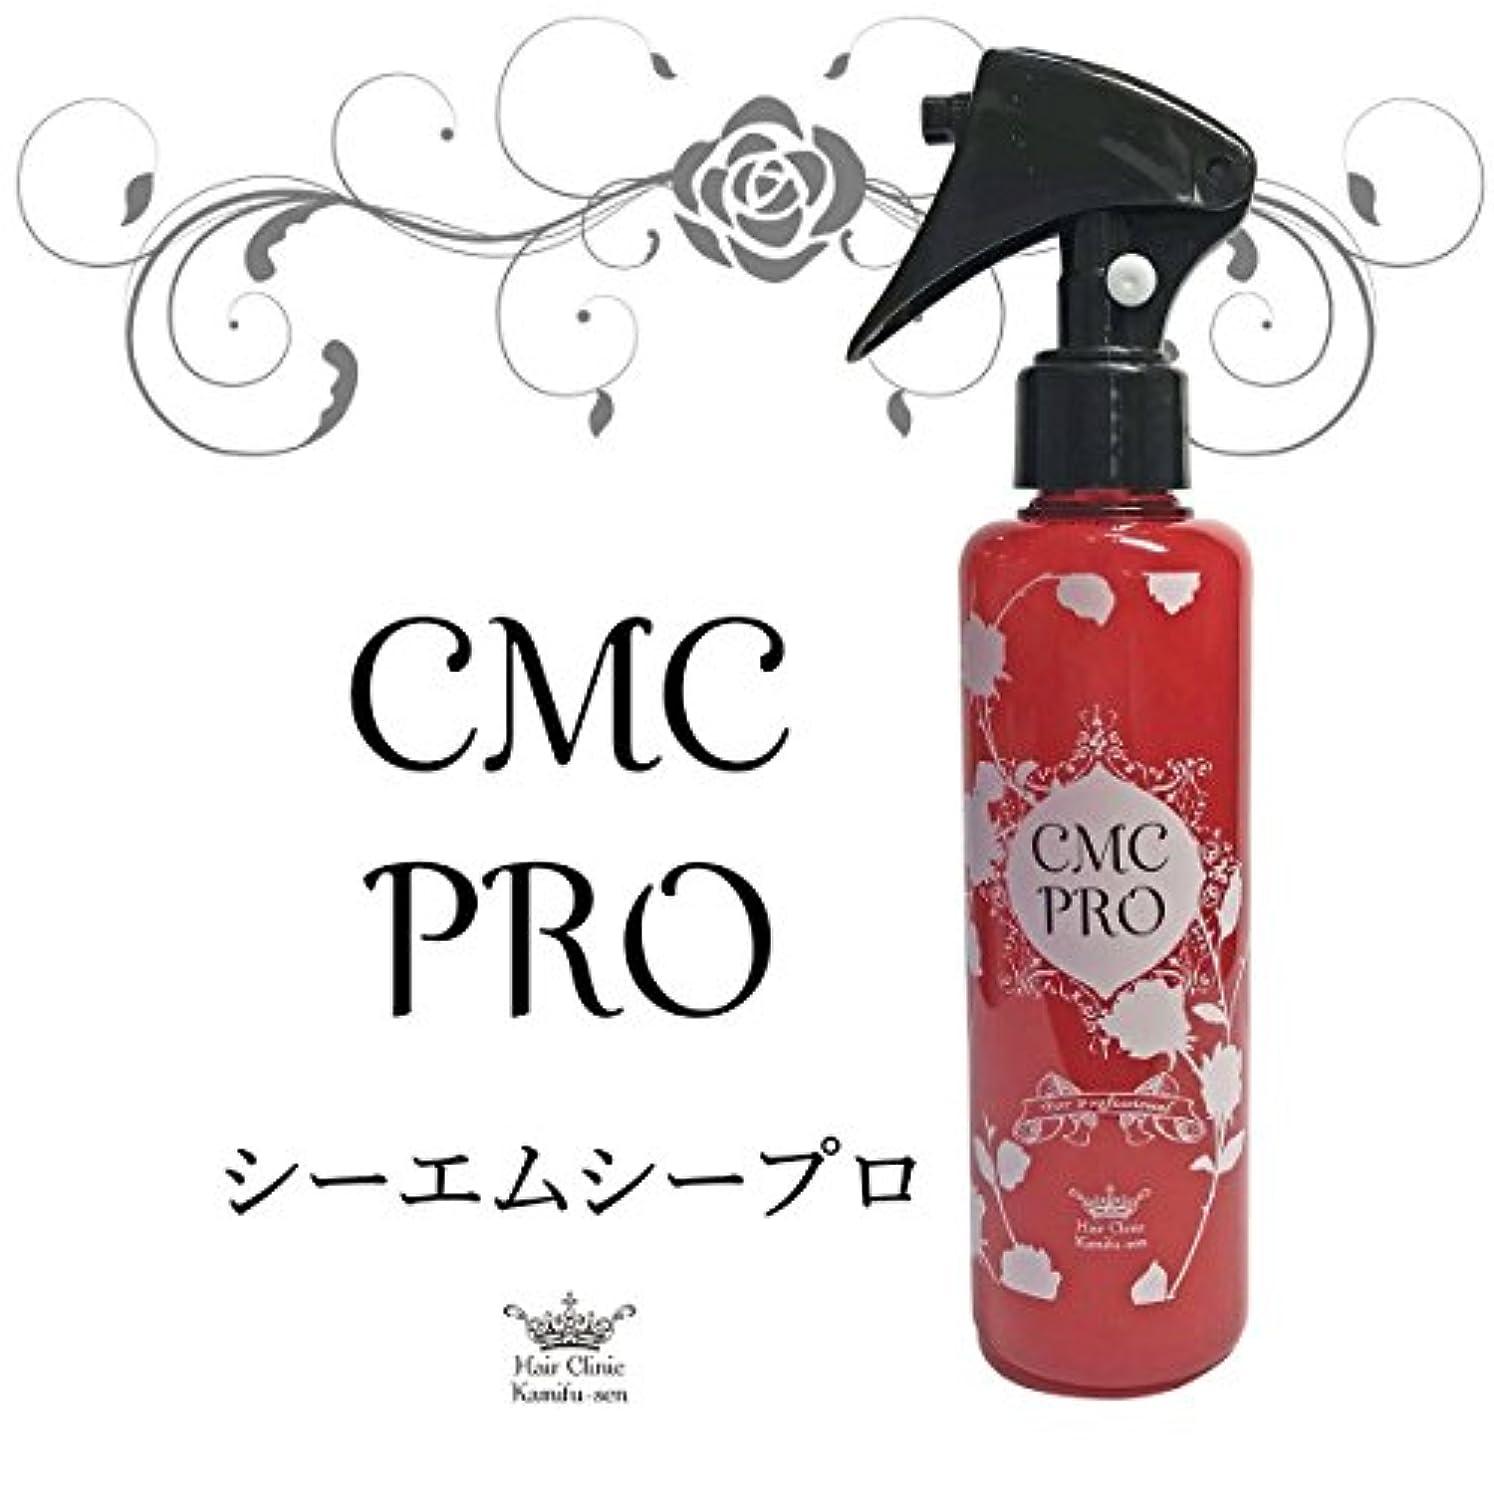 以下絶対にカートリッジCMCプロ(200ml)(バサバサ髪もしっとり髪へ、ビビリ毛修正に最適)